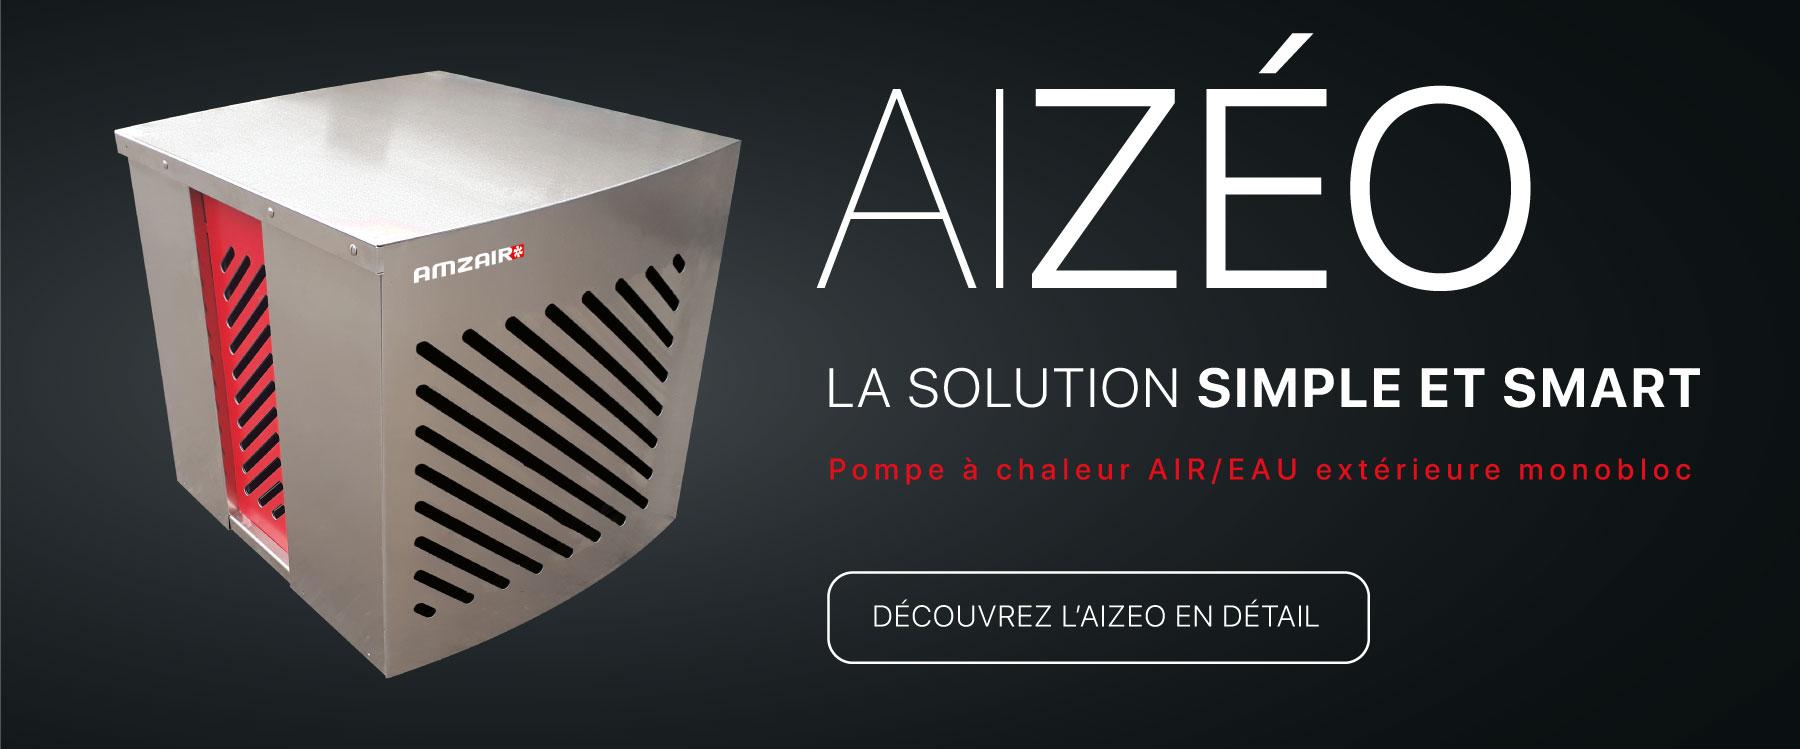 AIZEO-AMZAIR-la-pompe-à-chaleur-air-eau-extérieure-monobloc,-connectée-et-intelligente